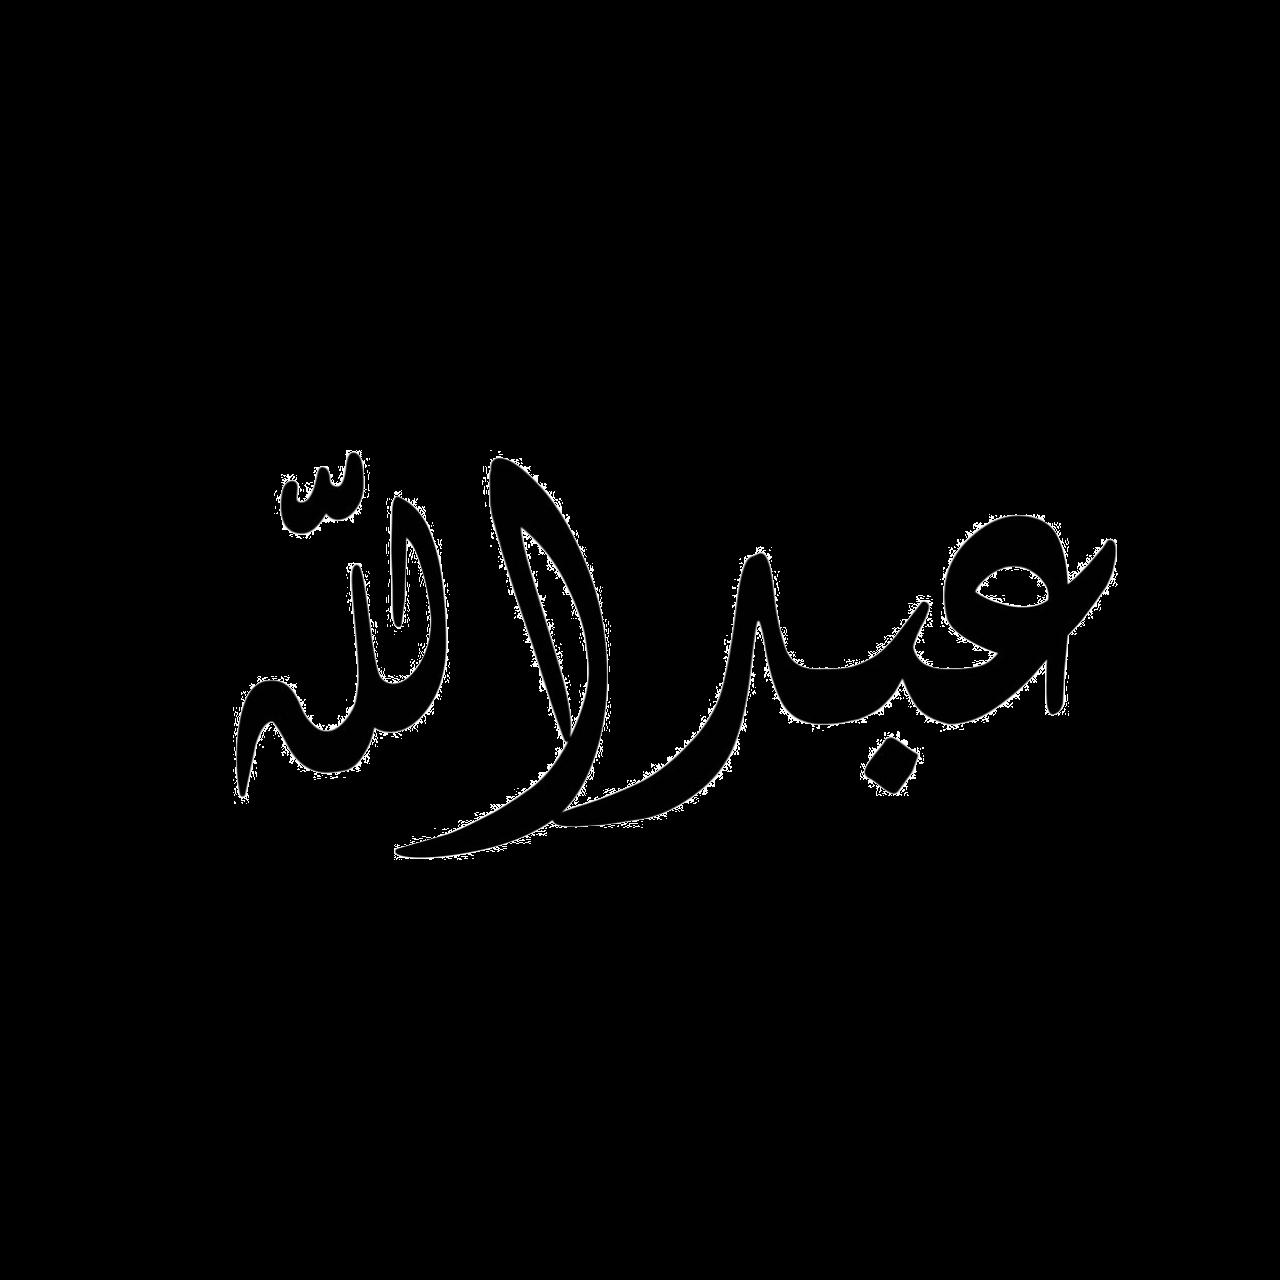 صور اسم عبدالله صفات حامل اسم عبد الله احلى كلام